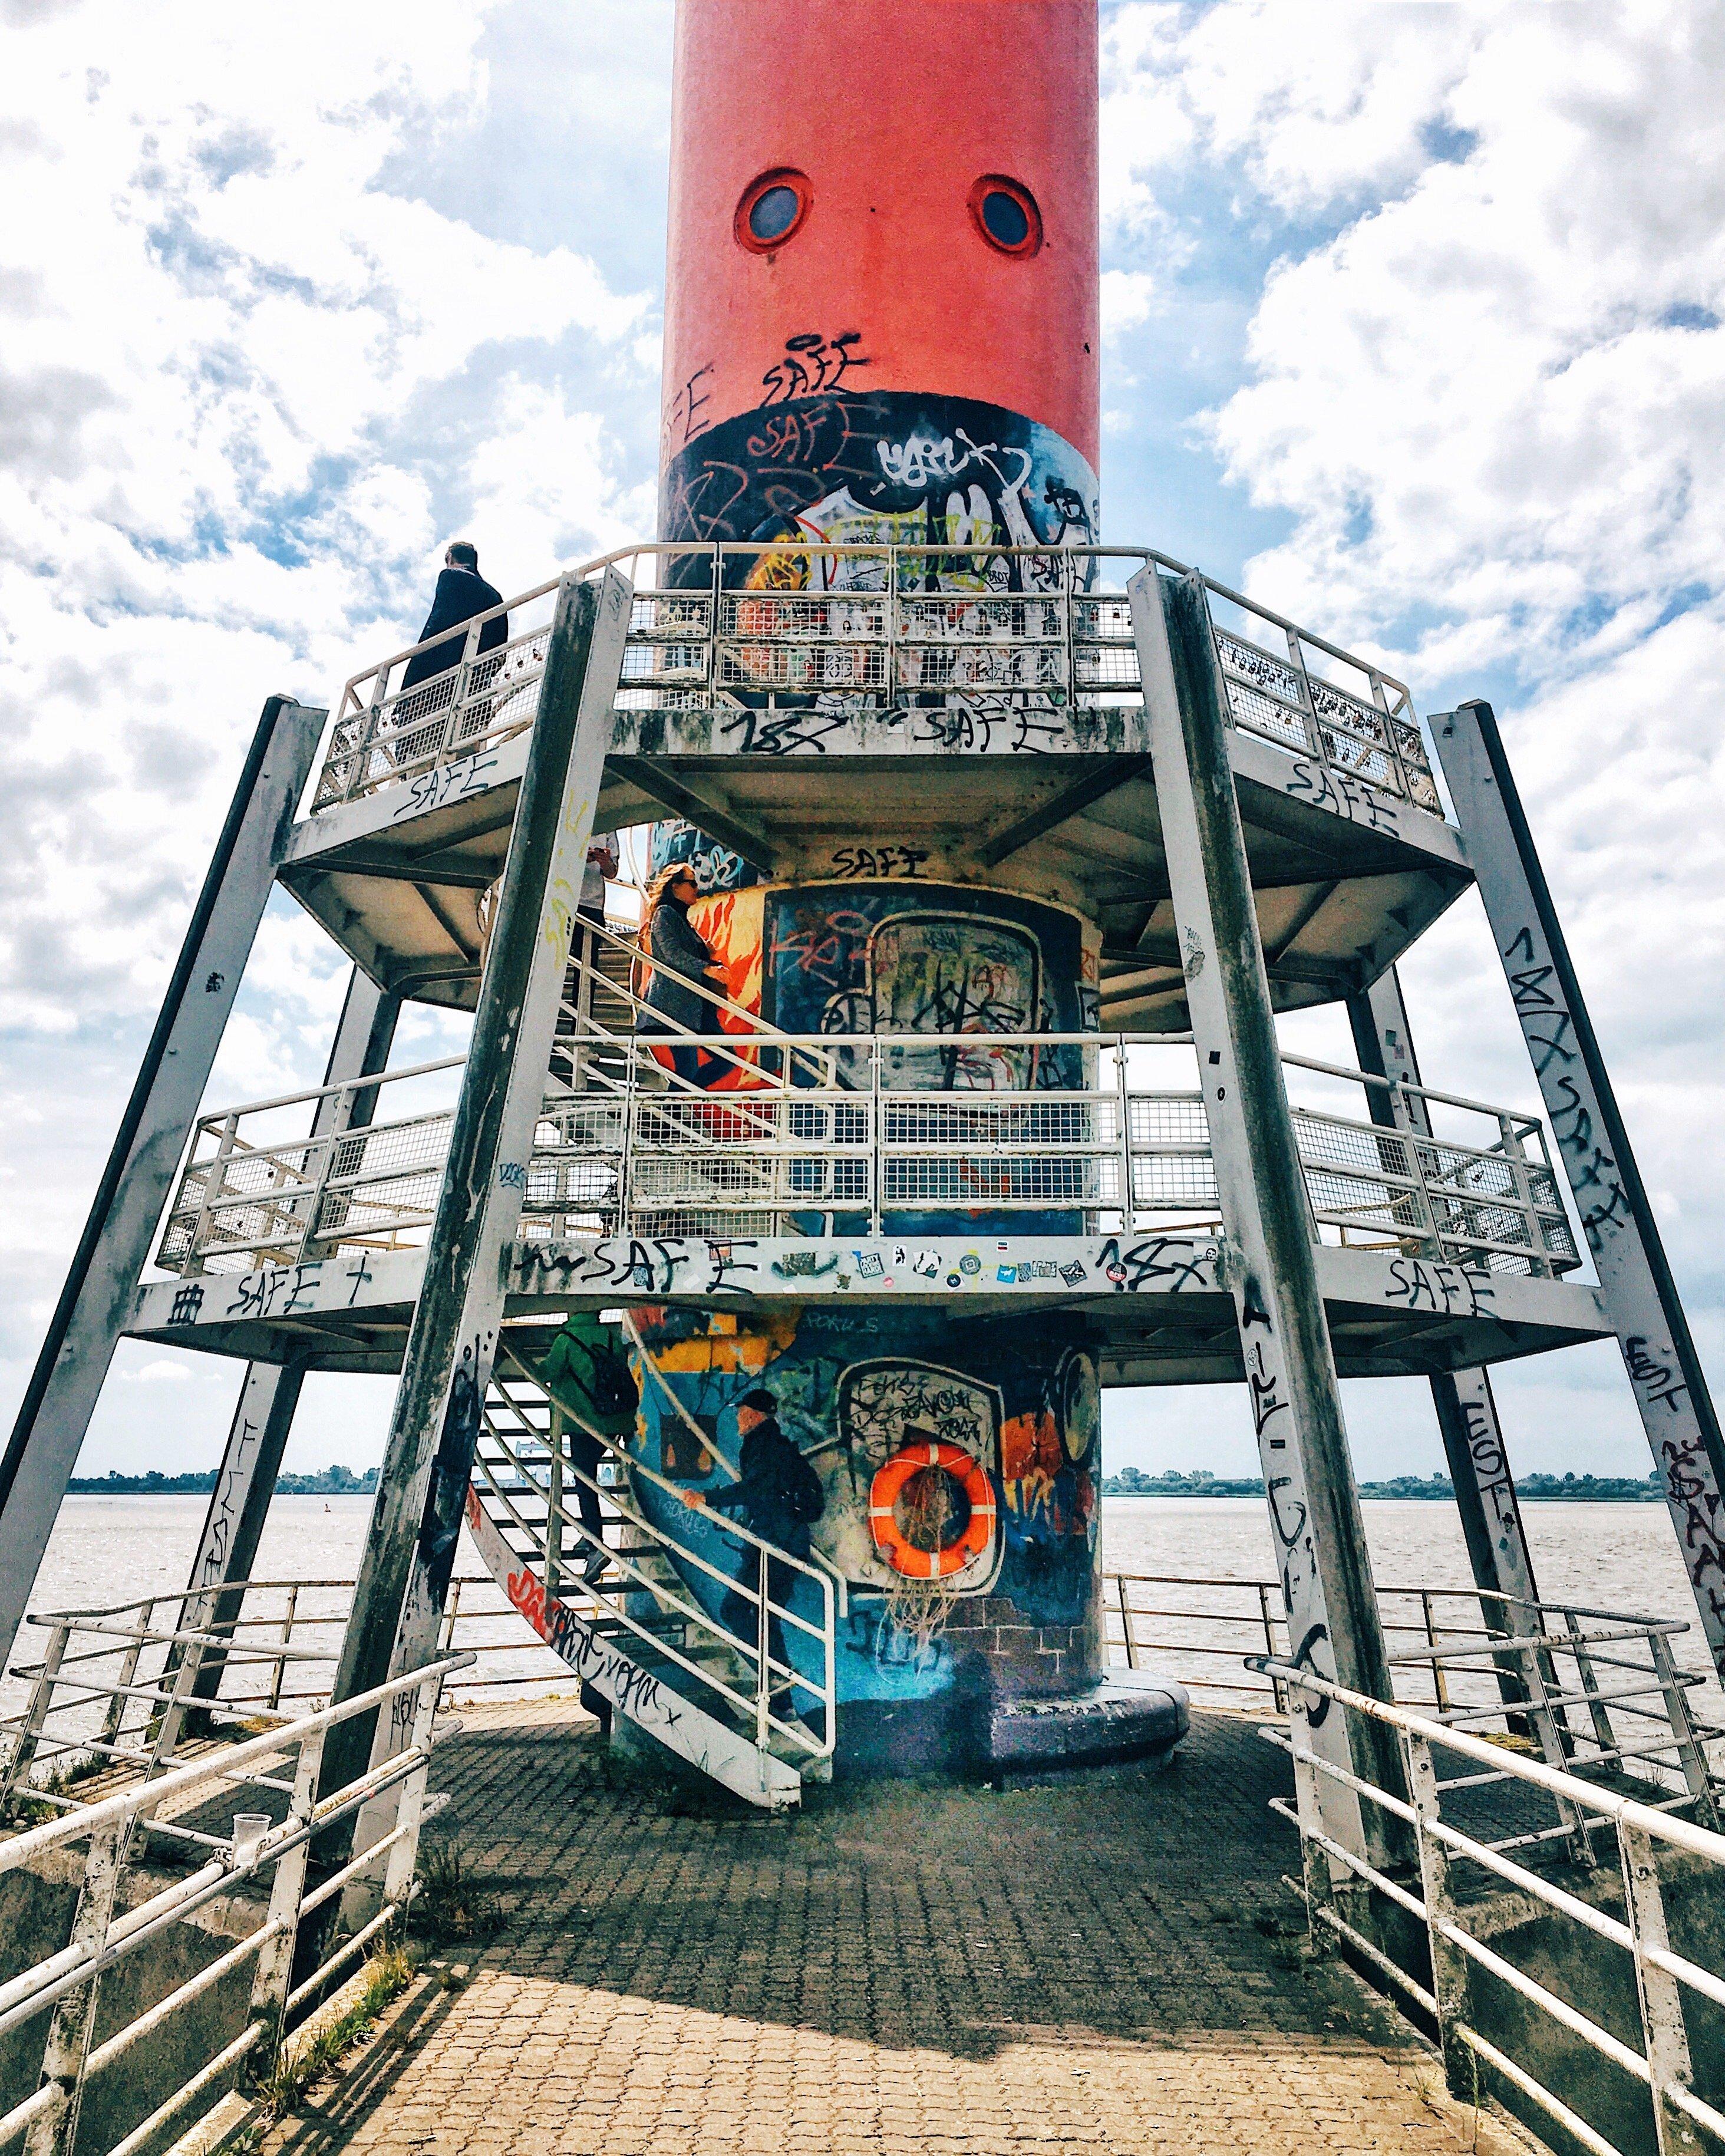 Leuchtturm von Blankenese: Urlaub wie am Meer, perfekte Staycation in Hamburg Frau Elbvilles Hamburg Companion